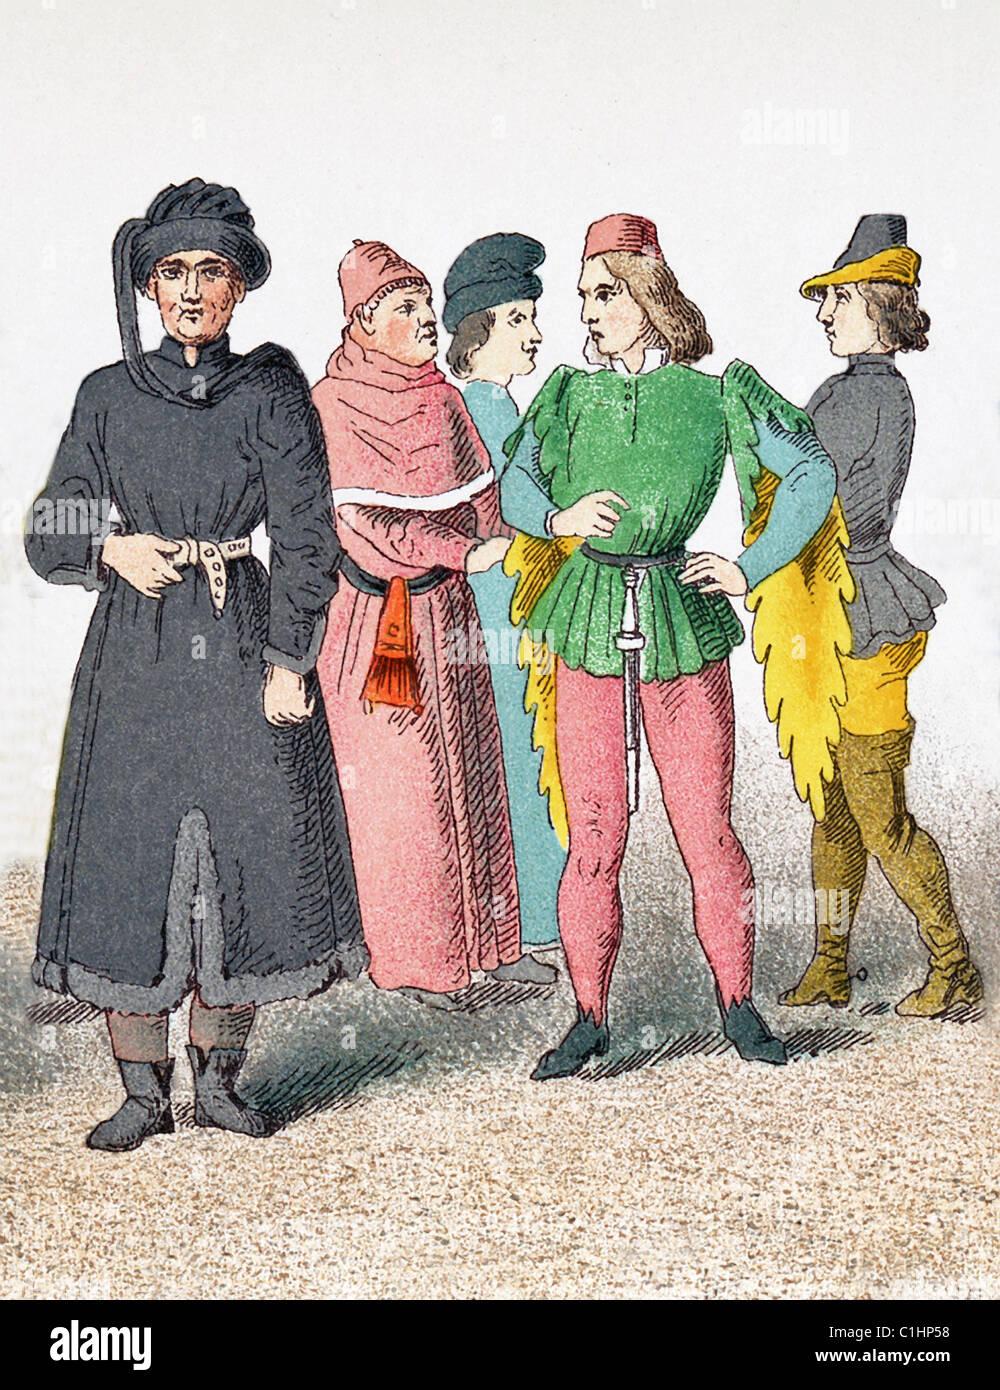 Die Figuren vertreten sind Franzosen um 1400 n. Chr.. Sie sind: Mann des Lernens (Gelehrter), Bürger, Seite, Stockbild